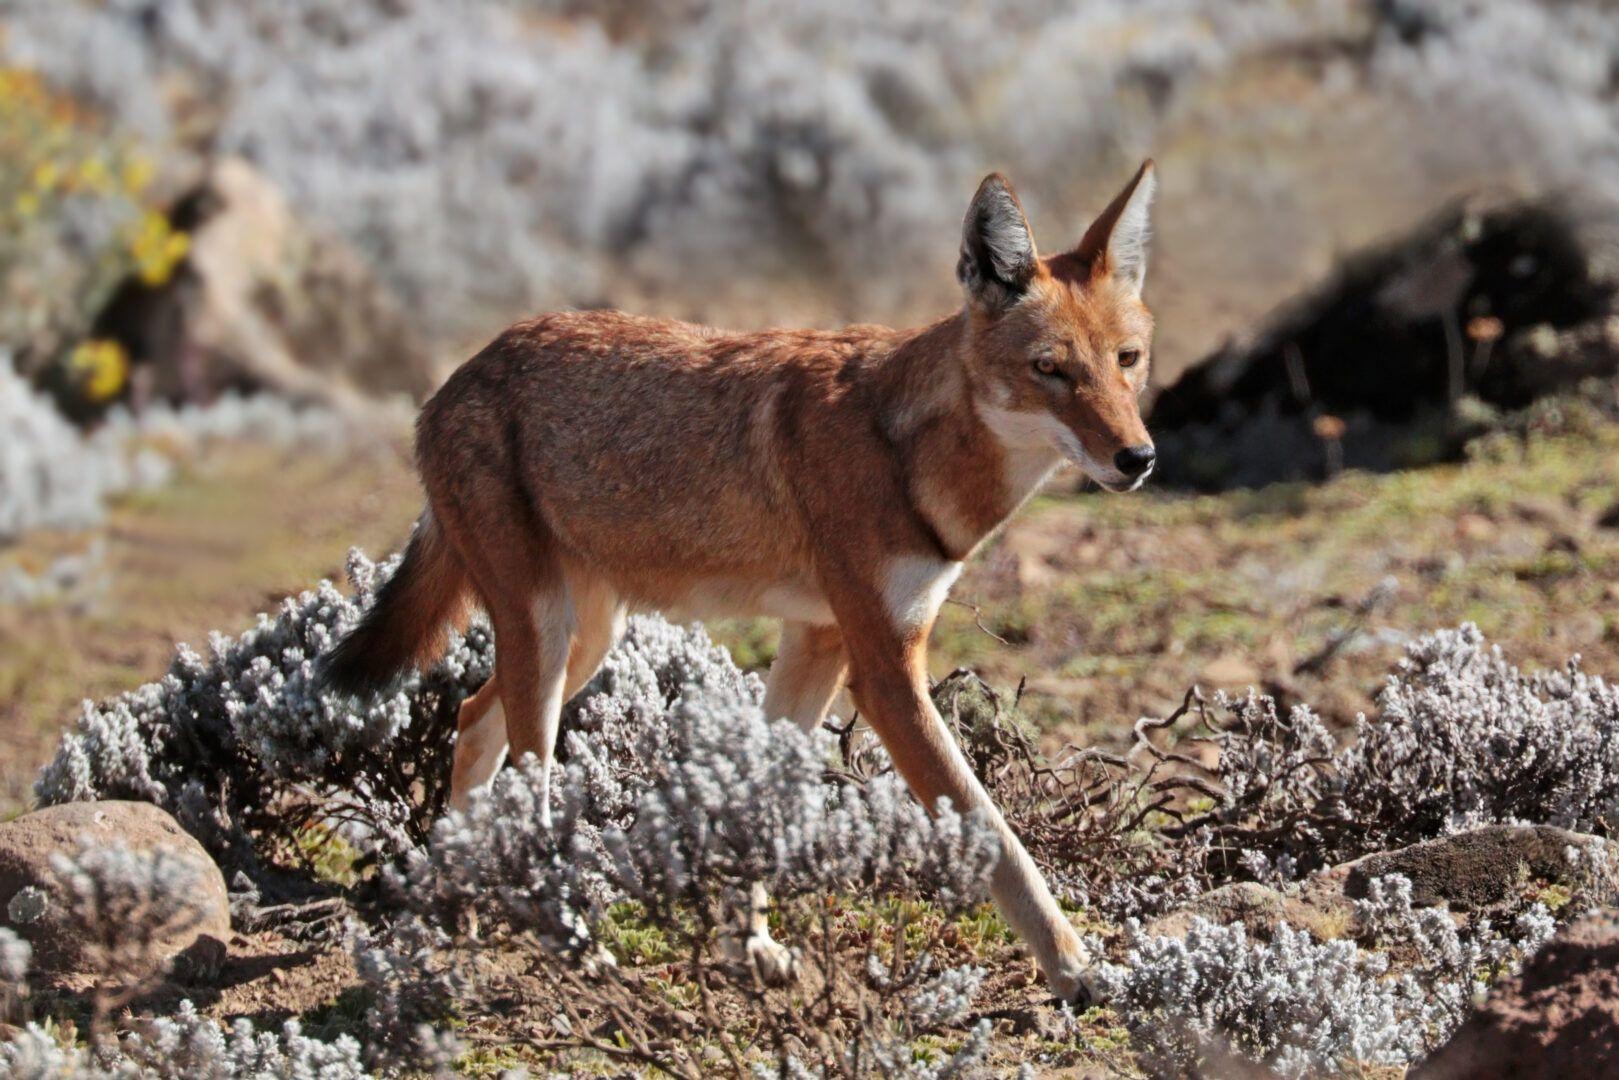 Lobos - características, hábitos e principais variações da espécie